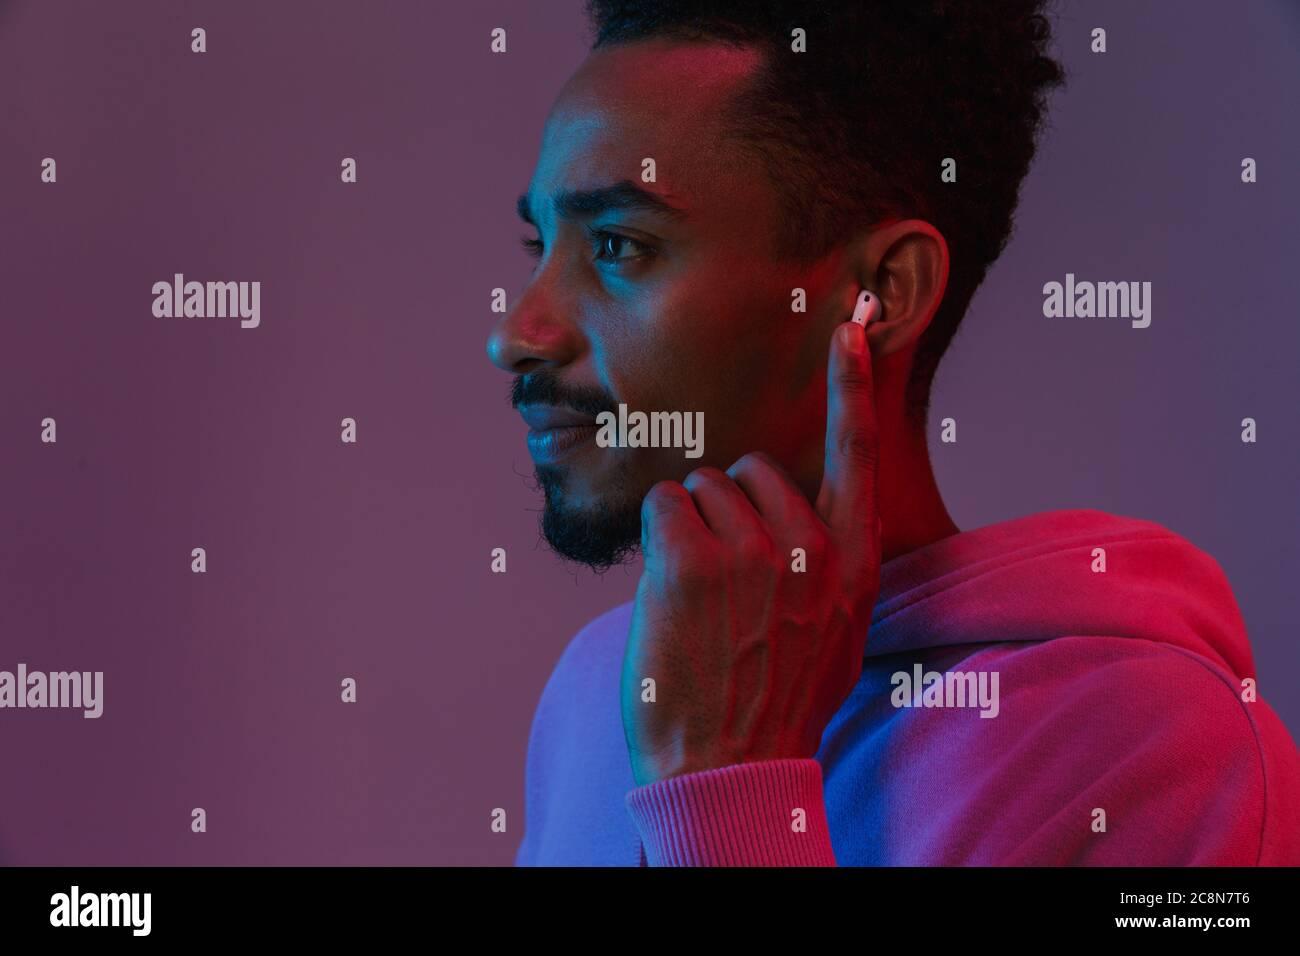 Portrait of african american man concentré en sweat coloré d'écouter de la musique avec earpod sur fond violet isolés Banque D'Images